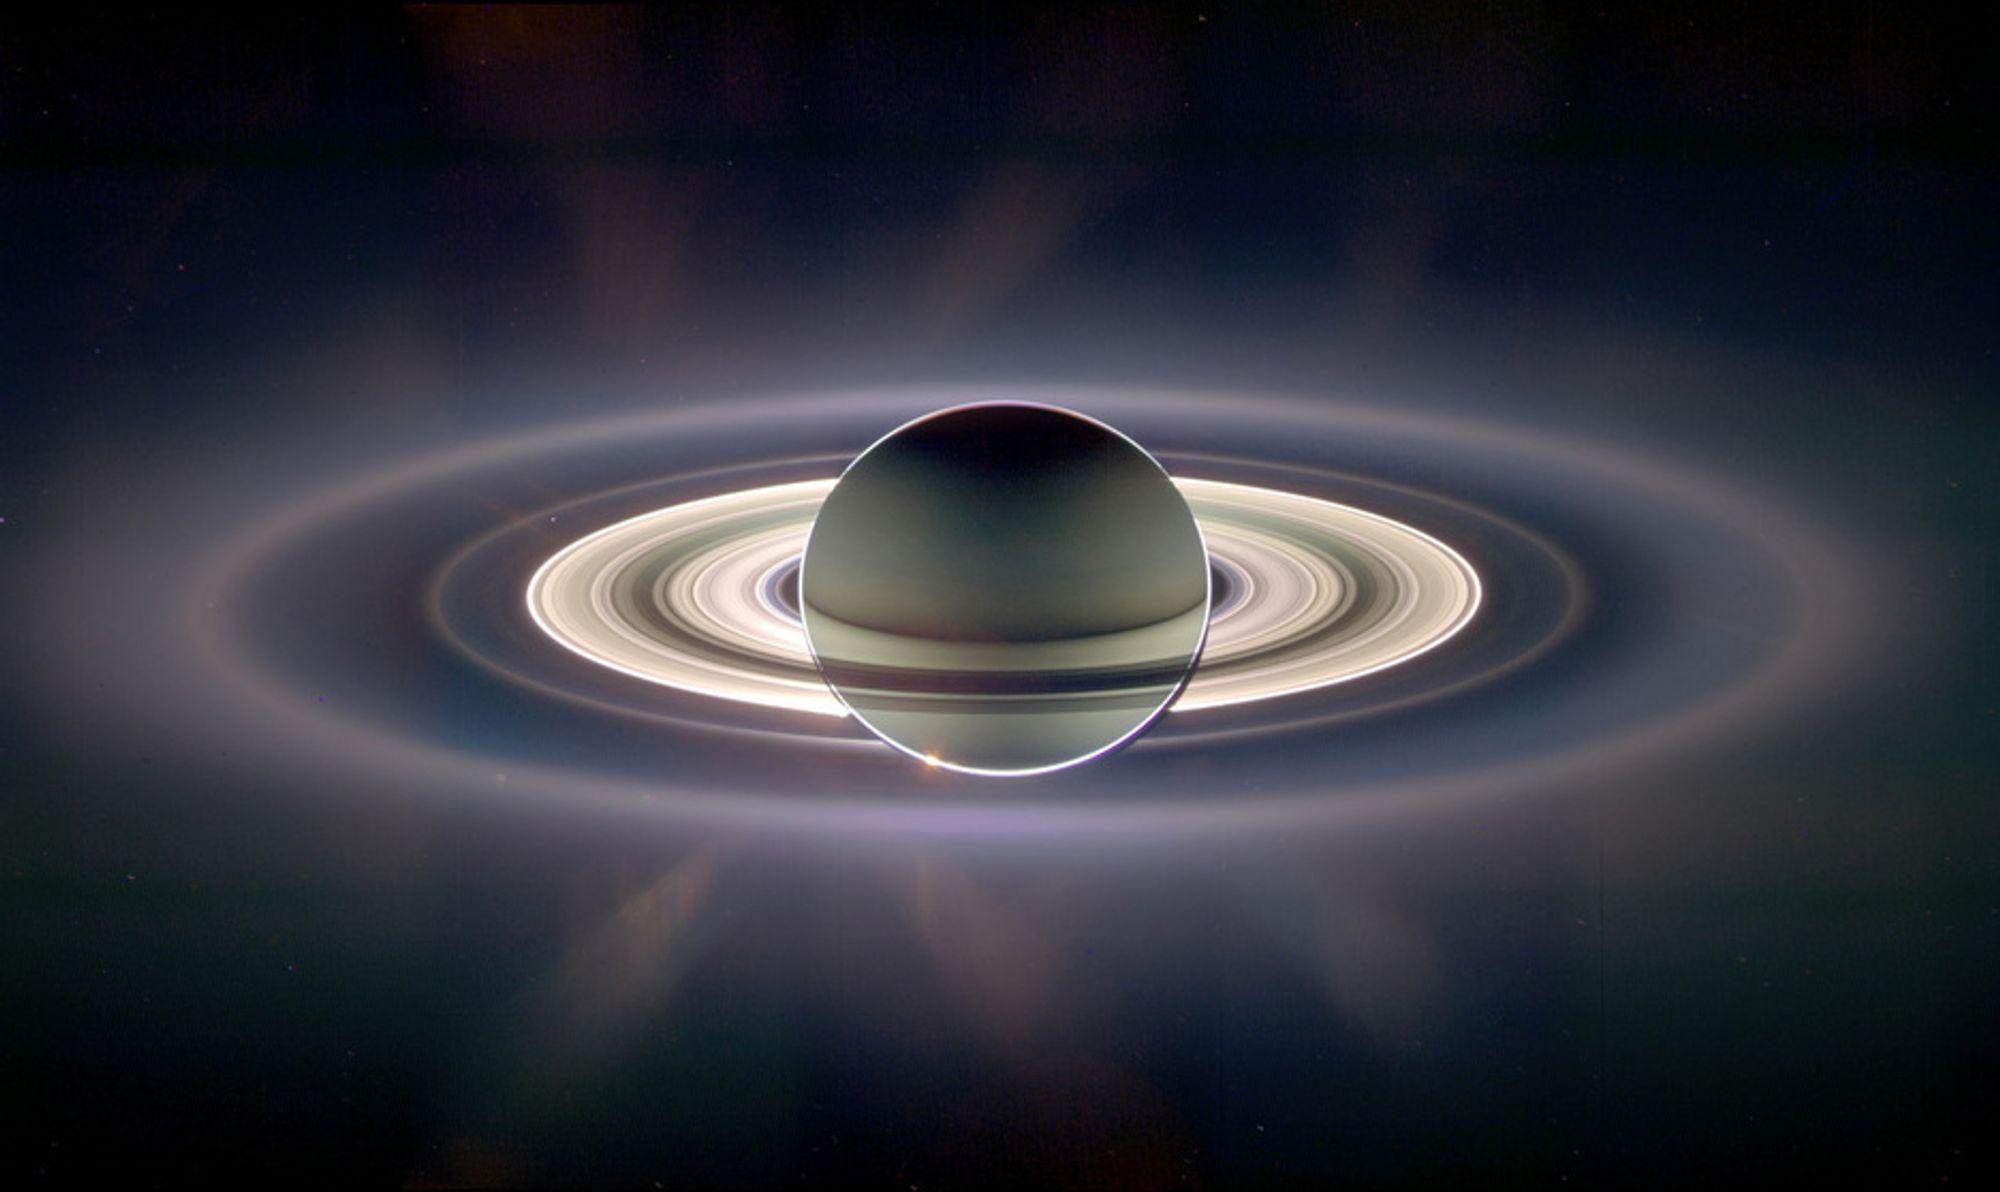 STORT SYN: Enorme Saturn skjulte Cassini fra solens blendende lys, og gjorde det mulig for romsonden å se planetens ringer bedre enn noen gang tidligere.